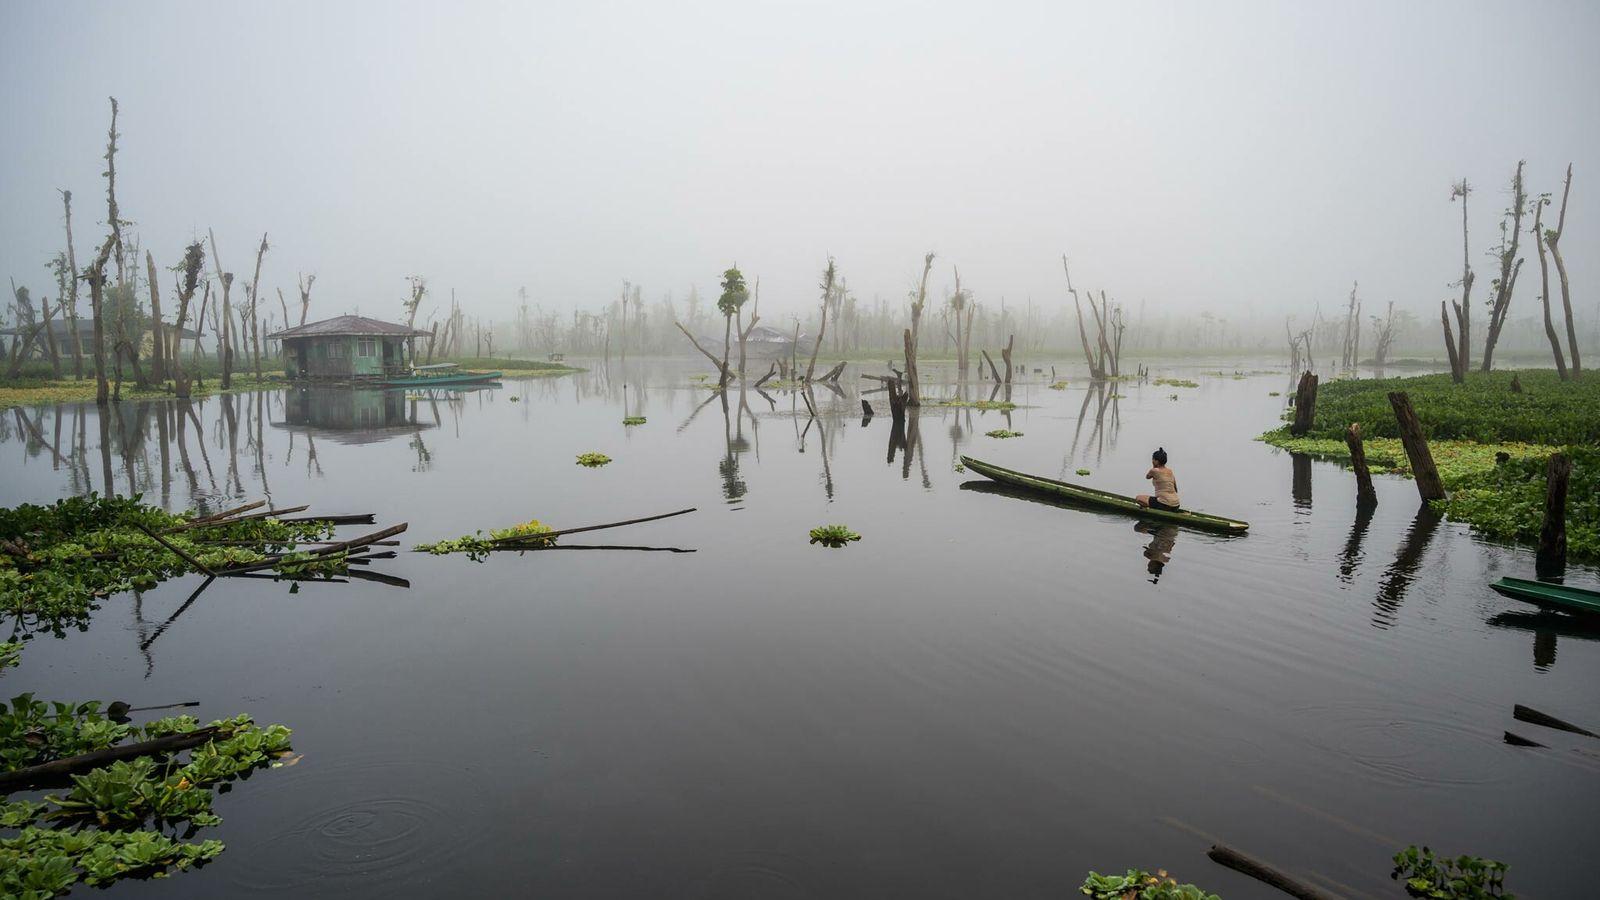 Sur les 15 000 personnes qui vivent dans le marais d'Agusan, environ 60 % appartiennent au peuple autochtone local ...